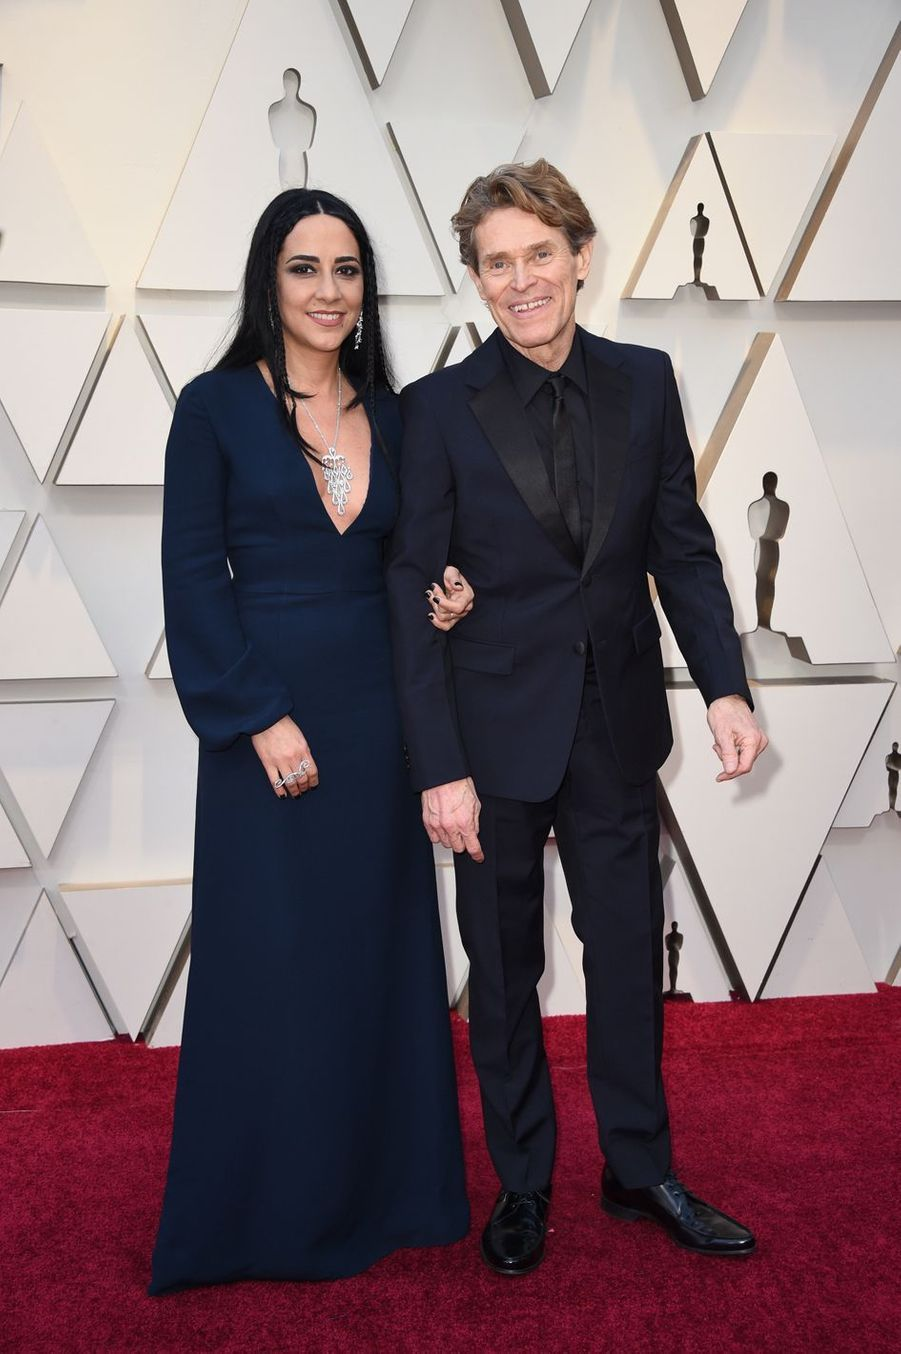 Willem Dafoe et Giada Colagrandesur le tapis rouge de la 91e cérémonie des Oscars le 24 février 2019